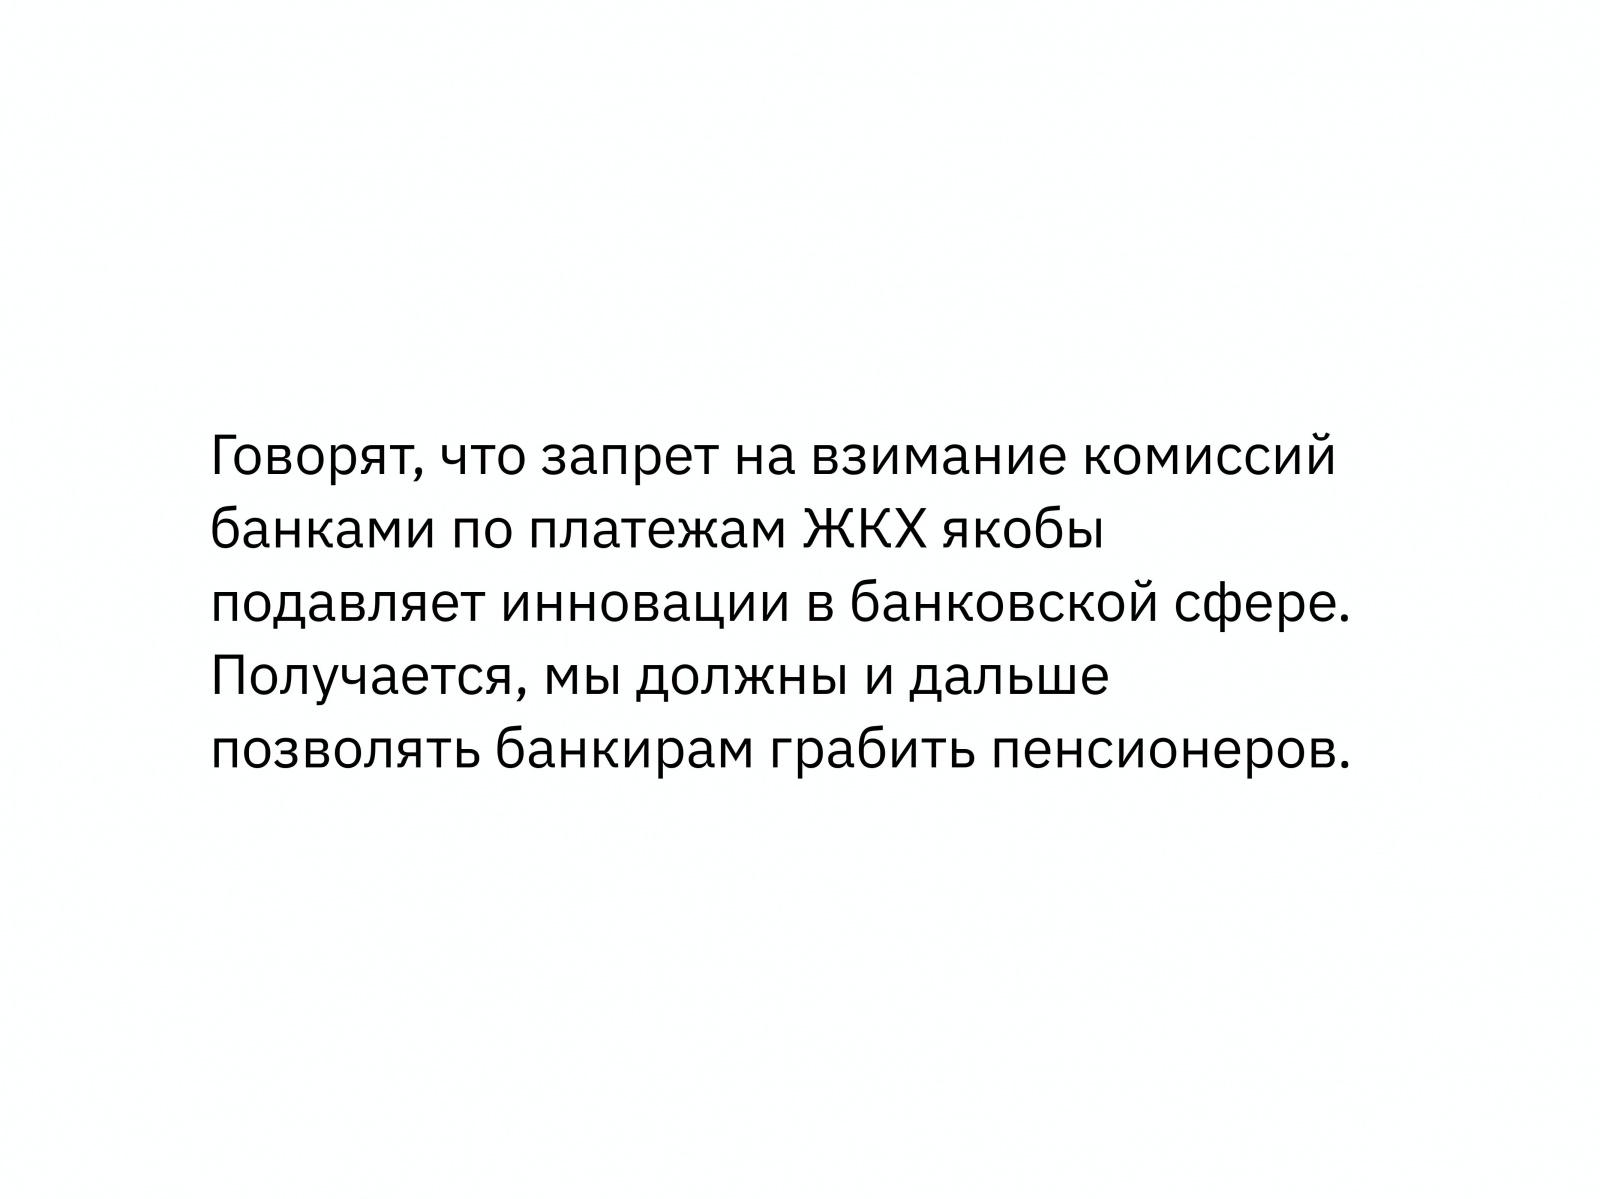 Алексей Каптерев: Критическое мышление 101 (часть 2) - 24